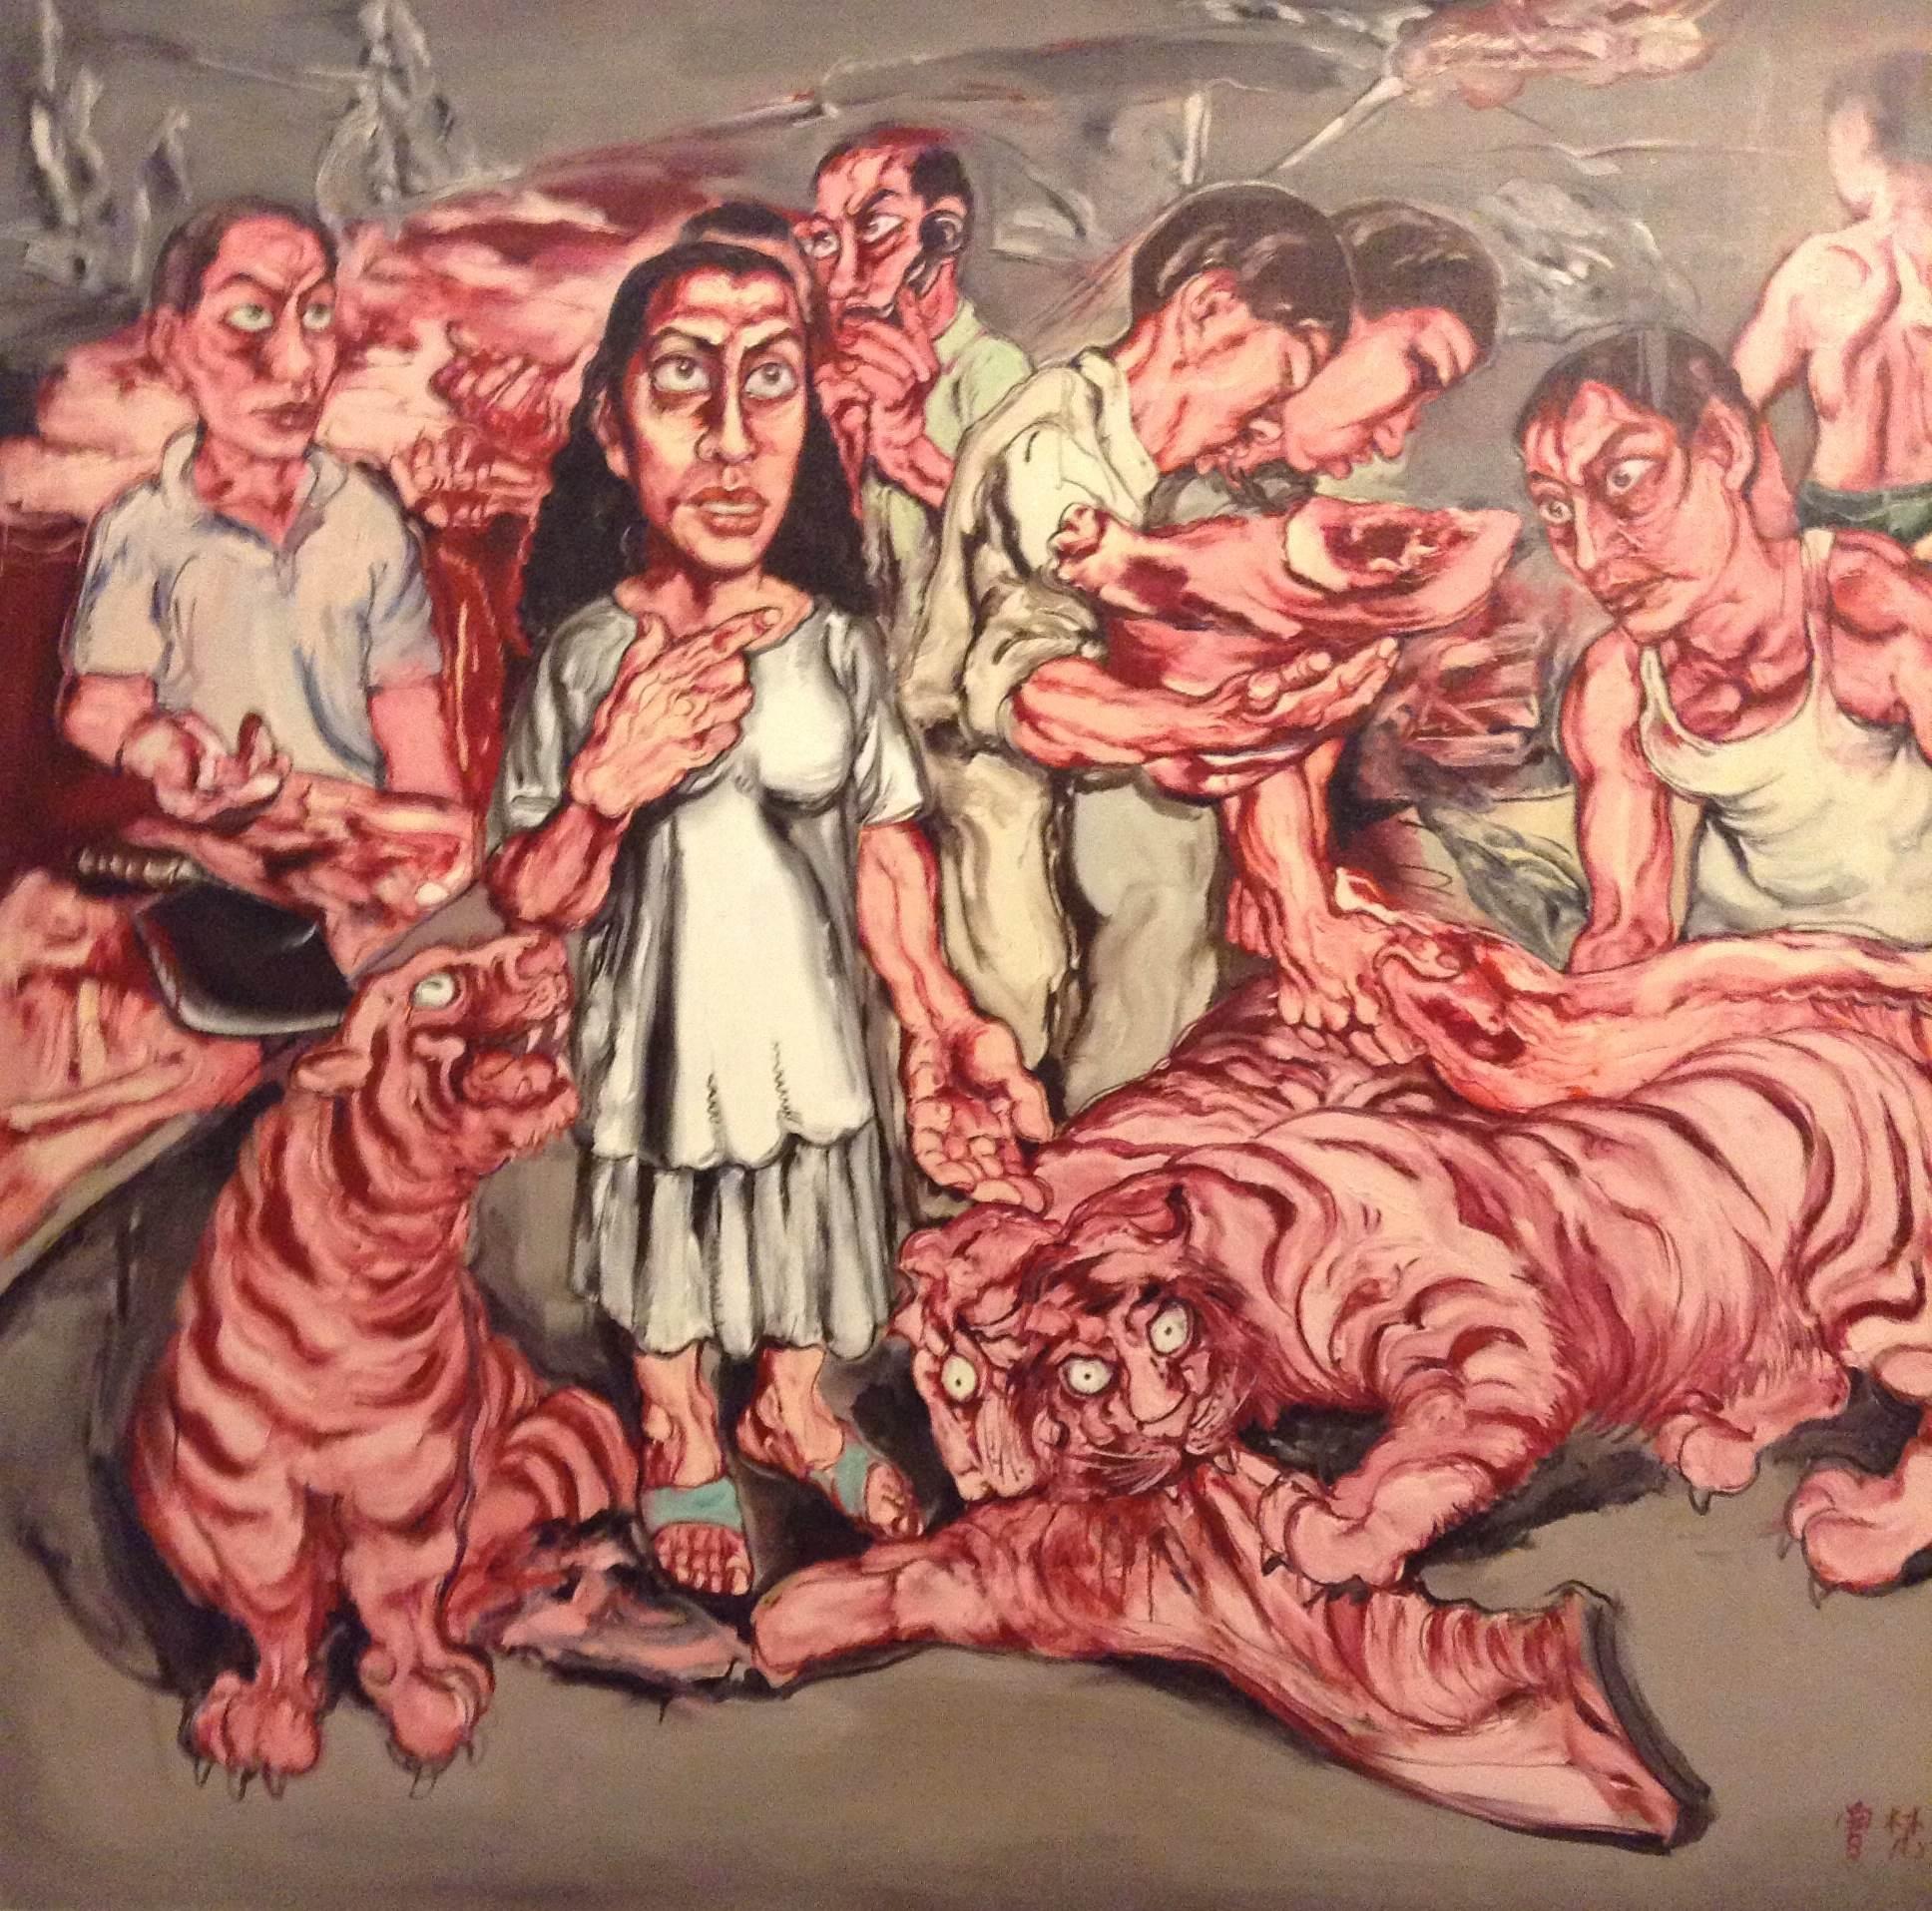 Zeng Fanzhi, Man & Meat, 1993